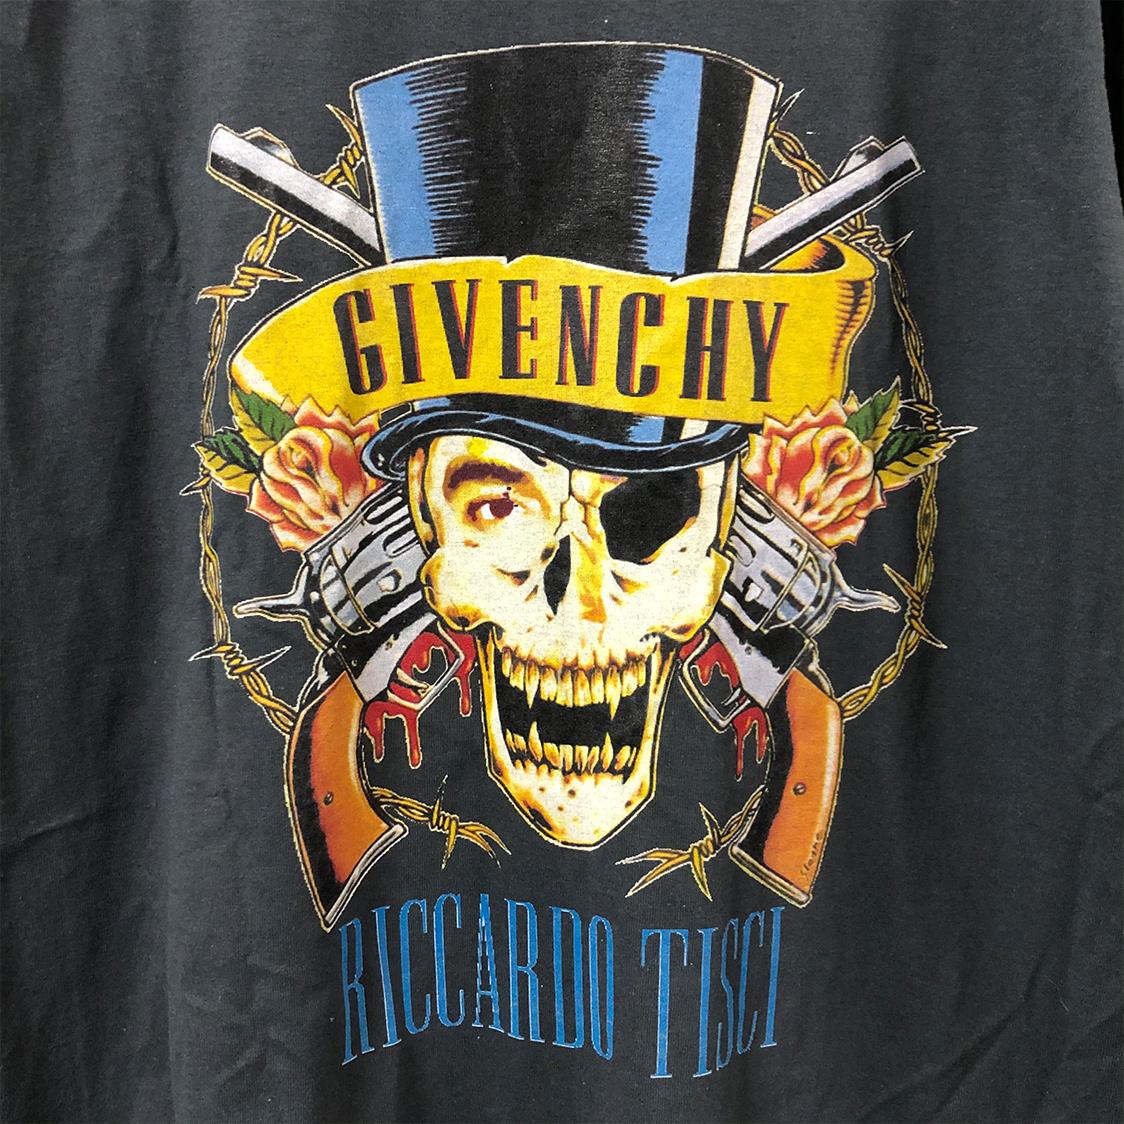 BLEACH ブリーチ 【Lサイズ】 パロディ Tシャツ バンドtee バックプリント GIVENCHY グレー RICCARDO TISCI